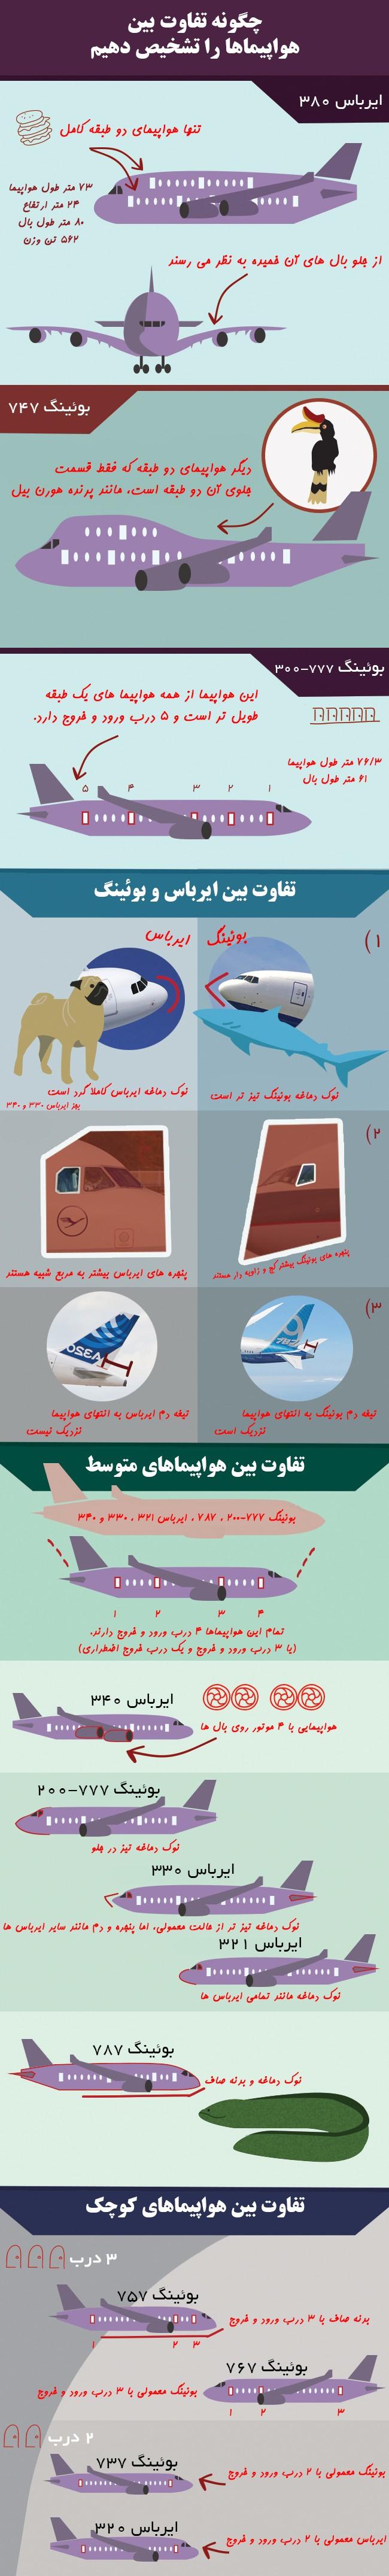 چگونه تفاوت بین هواپیماها را تشخیص دهیم؟!